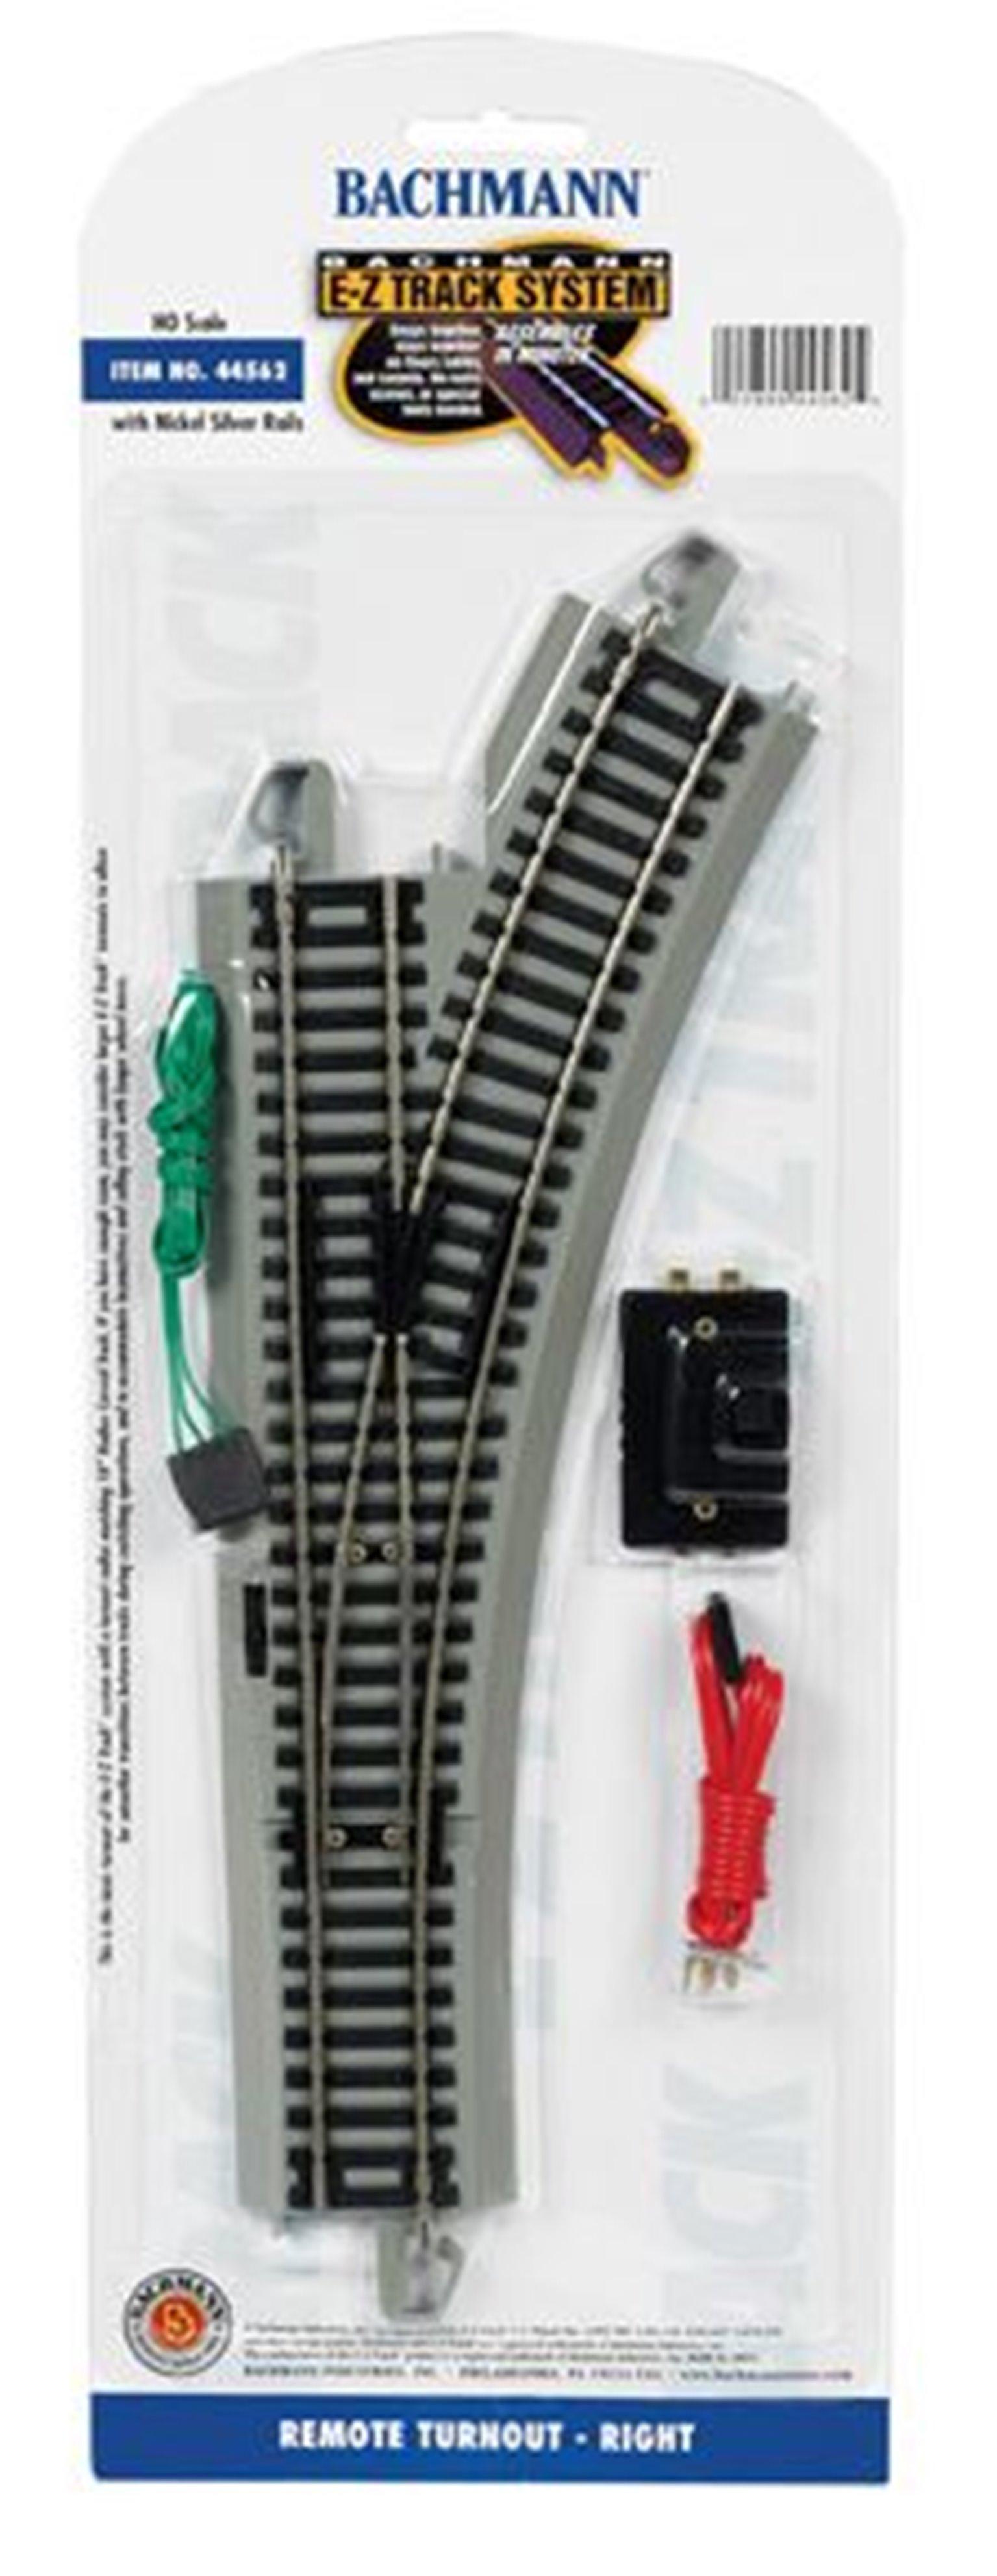 E-Z Track Remote Turnout Right (1/Card)